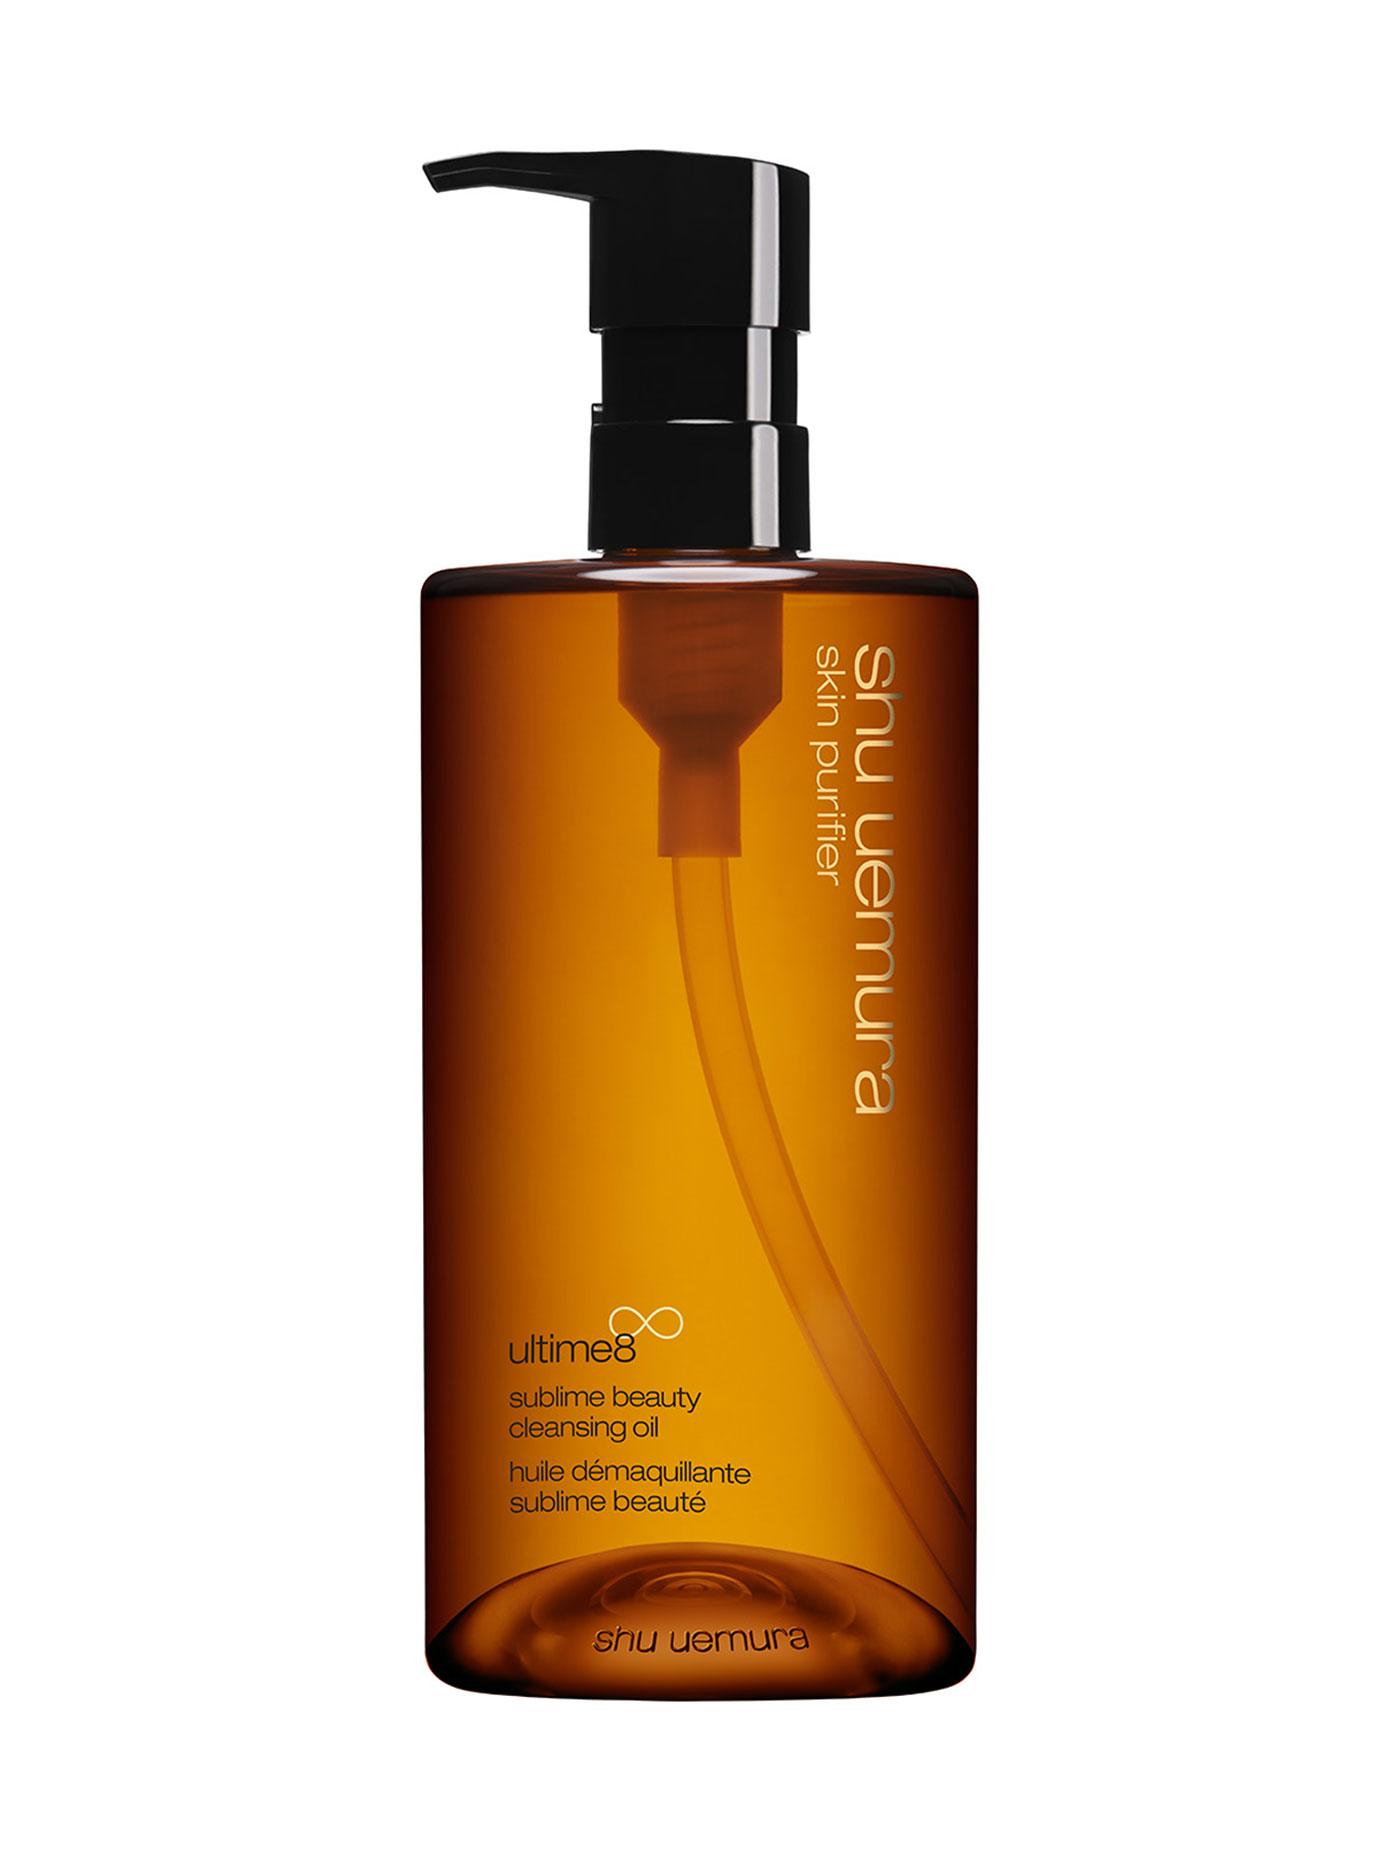 คลีนซิ่ง Ultime 8 Sublime Beauty Cleansing Oil ขนาด 450 มล.